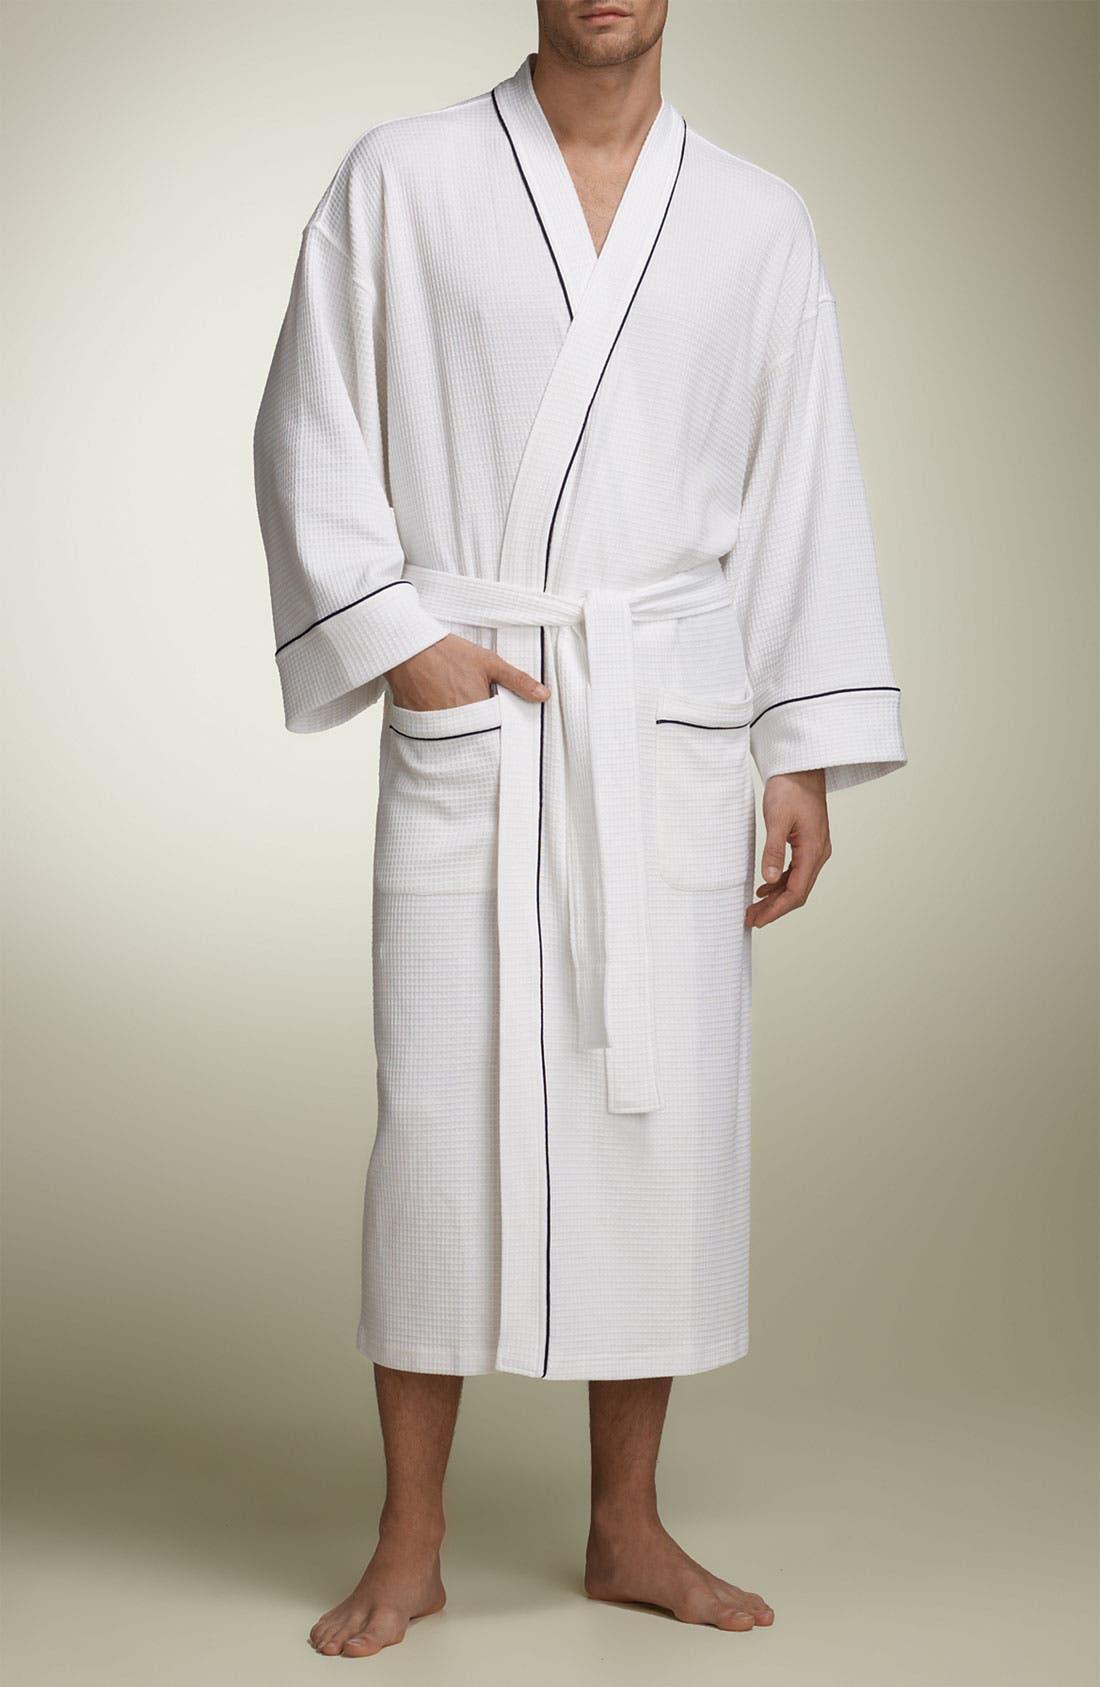 Main Image - Nordstrom Waffle Knit Kimono Robe